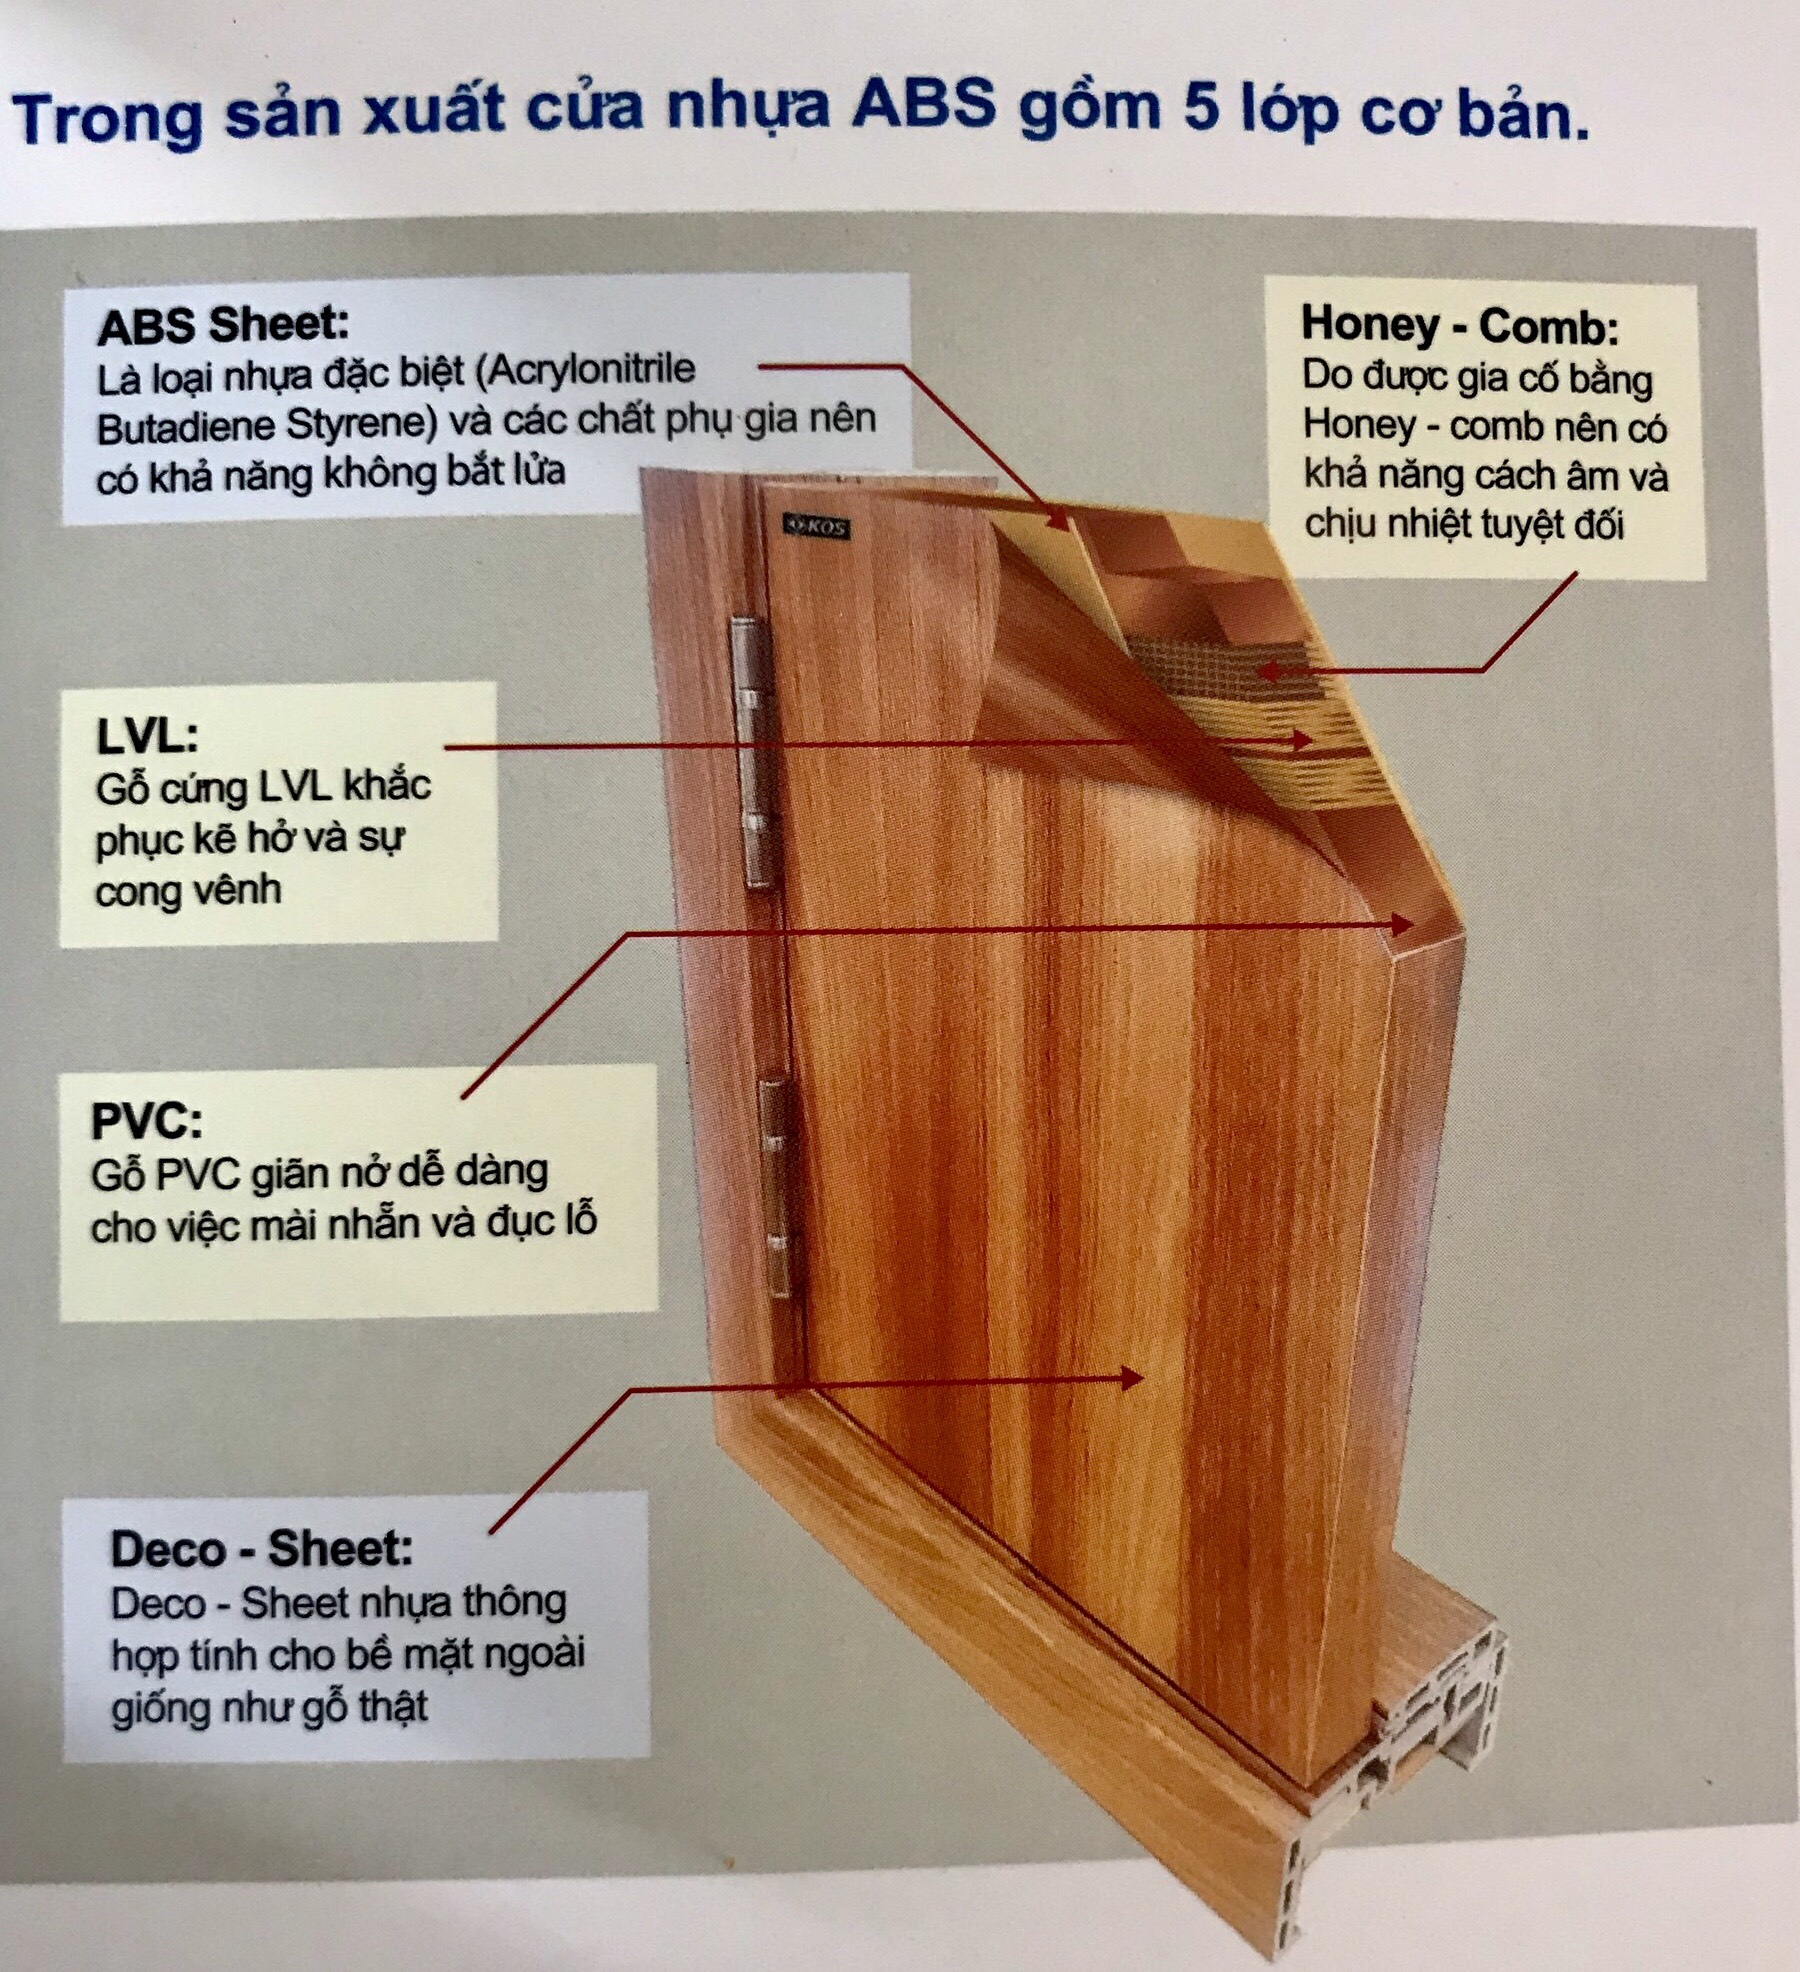 Mặt cắt thể hiện cấu tạo của cửa nhựa ABS.